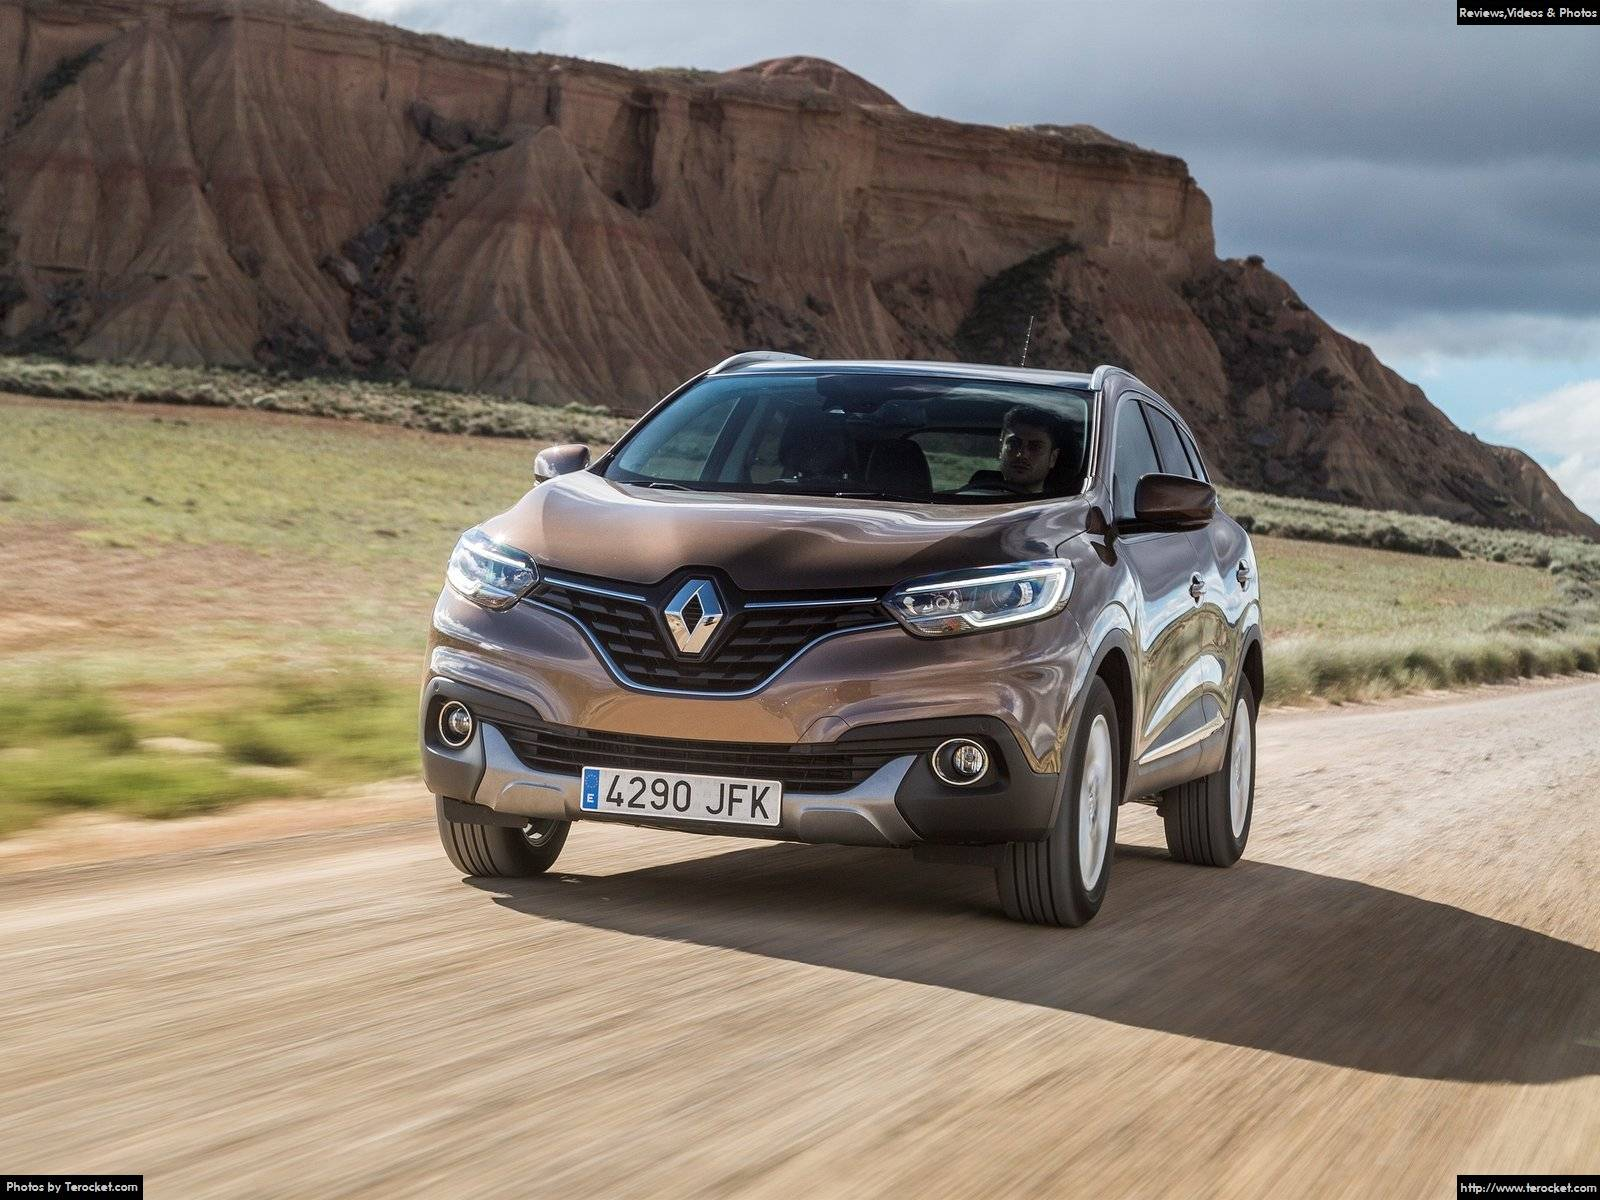 Hình ảnh xe ô tô Renault Kadjar 2016 & nội ngoại thất